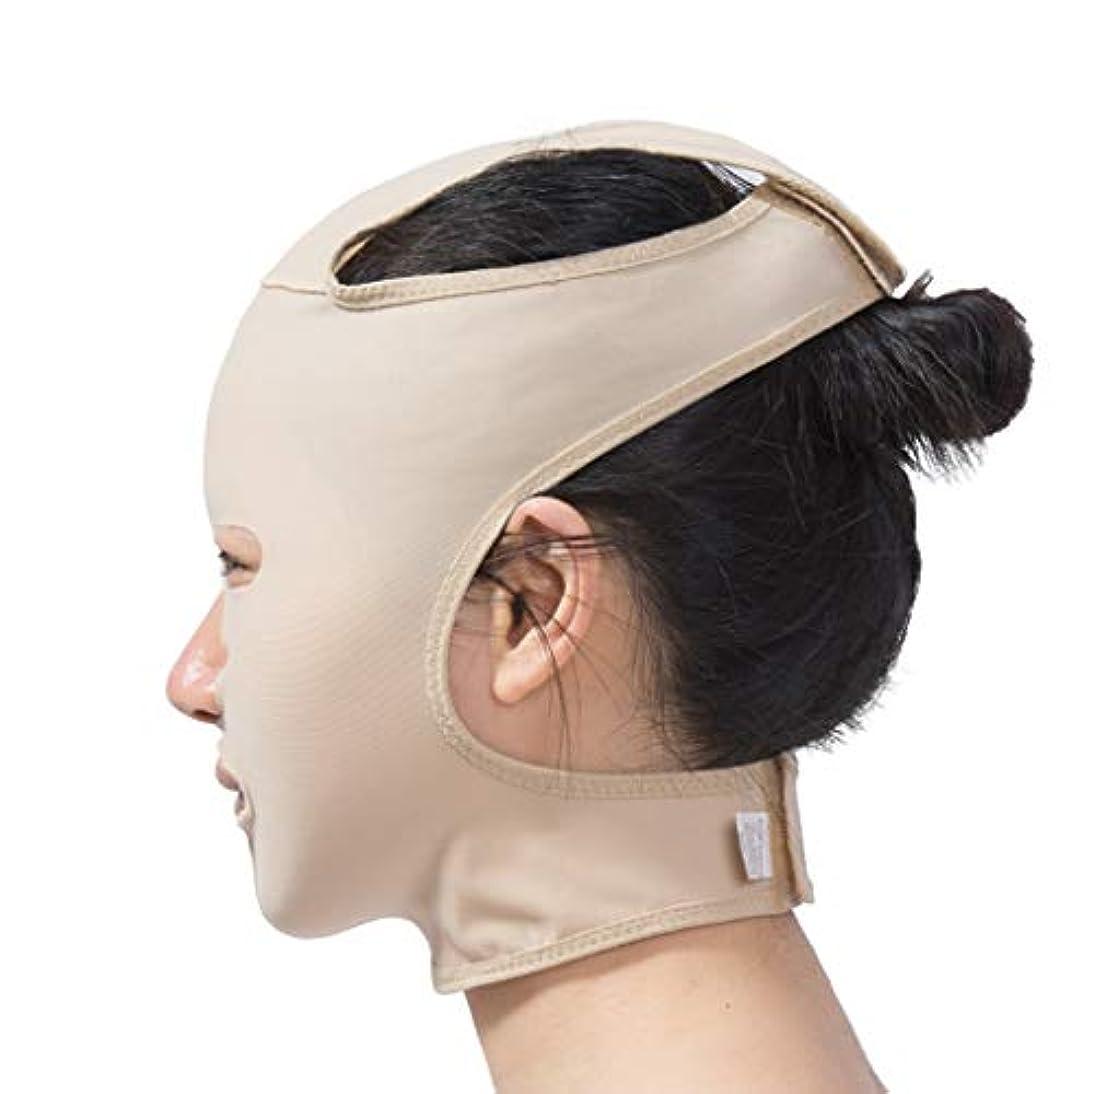 テメリティニッケルしなやかなXHLMRMJ フェイスリフトマスク、フルフェイスマスク医療グレード圧力フェイスダブルチンプラスチック脂肪吸引術弾性包帯ヘッドギア後の顔の脂肪吸引術 (Size : XL)